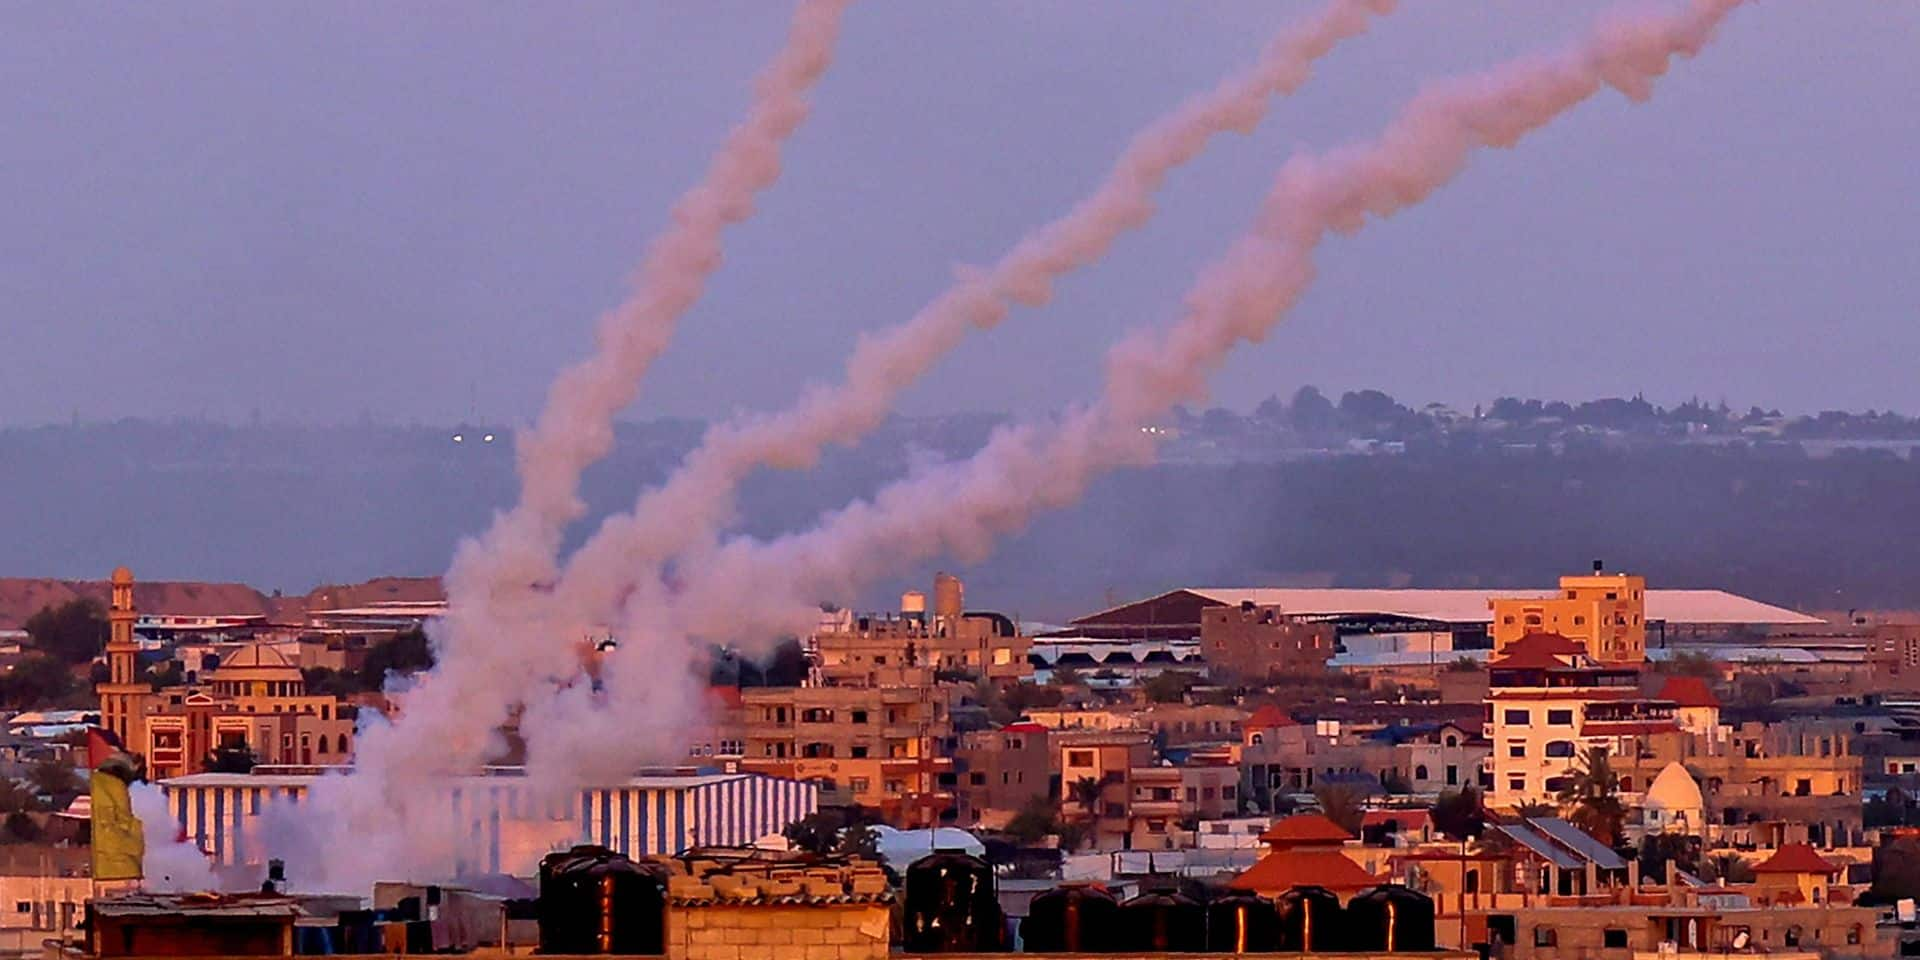 """Les conflits continuent: tirs de roquettes depuis le Liban vers Israël qui riposte, Biden a exprimé """"son soutien"""" un cessez-le-feu à Netanyahu"""